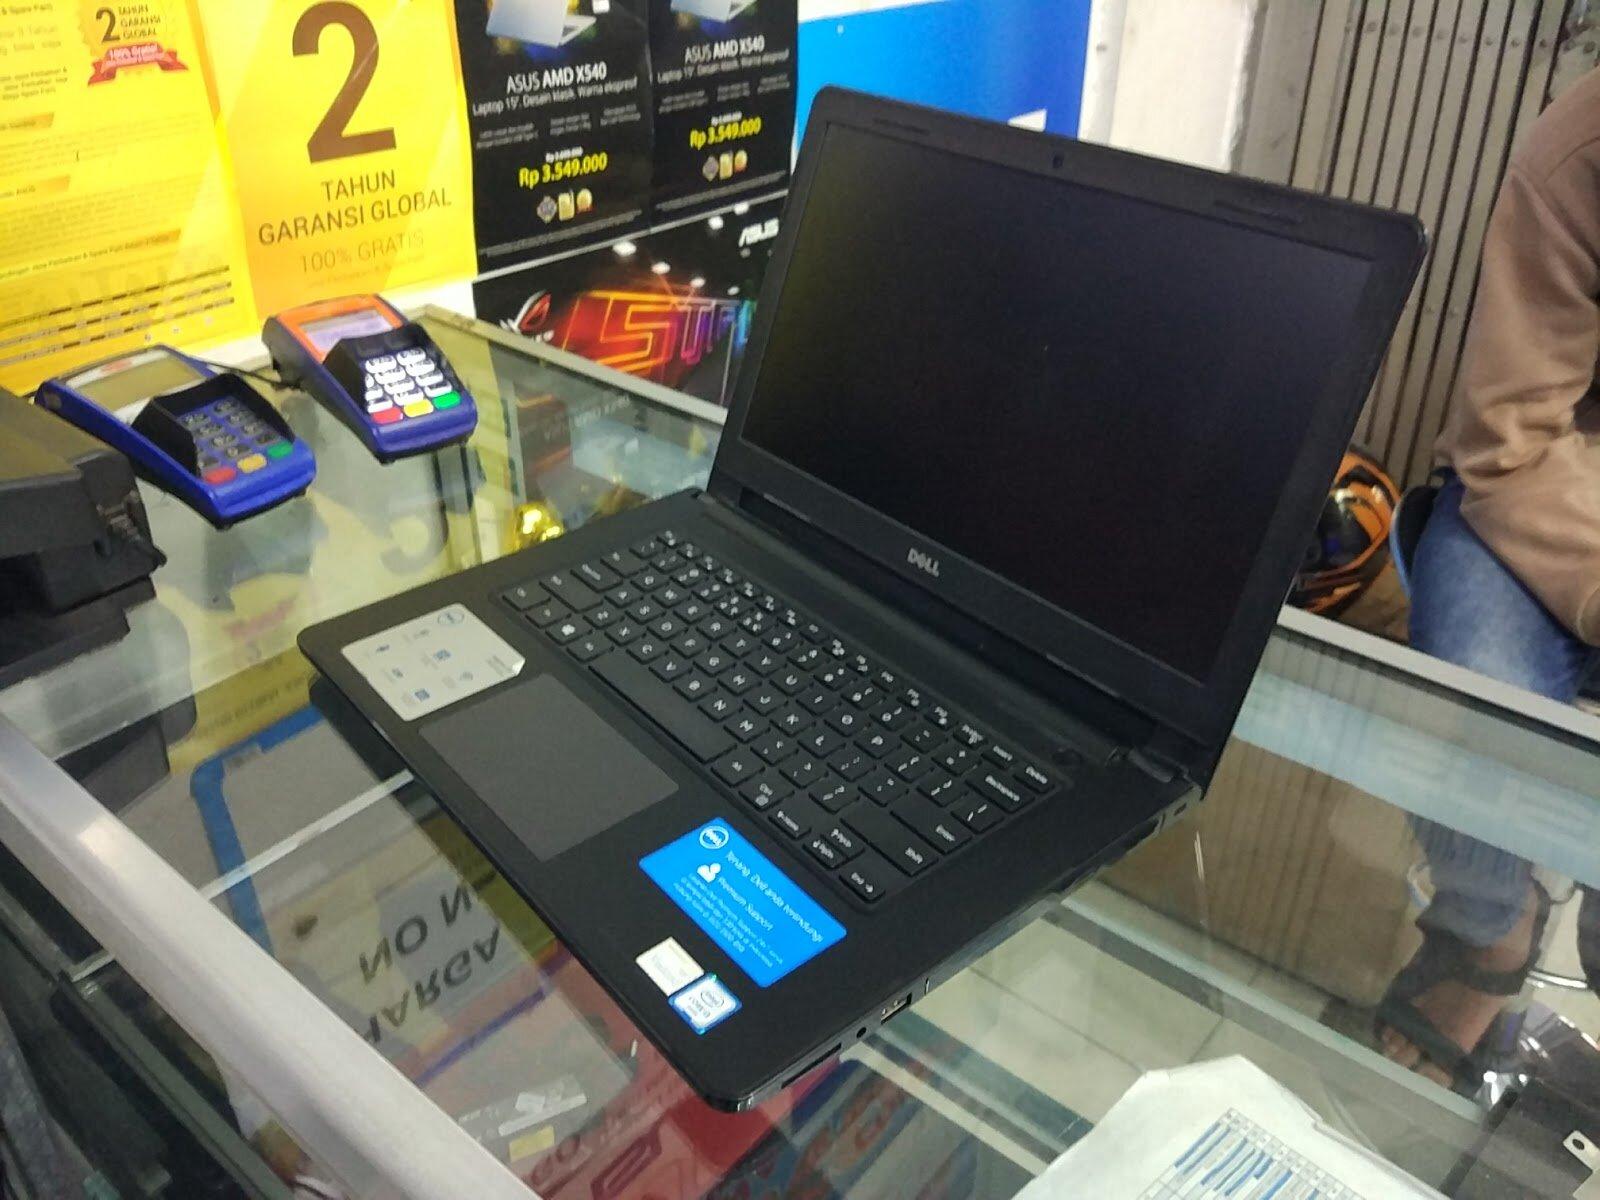 Dell Inspiron 14 3467 là sản phẩm rất đáng lựa chọn